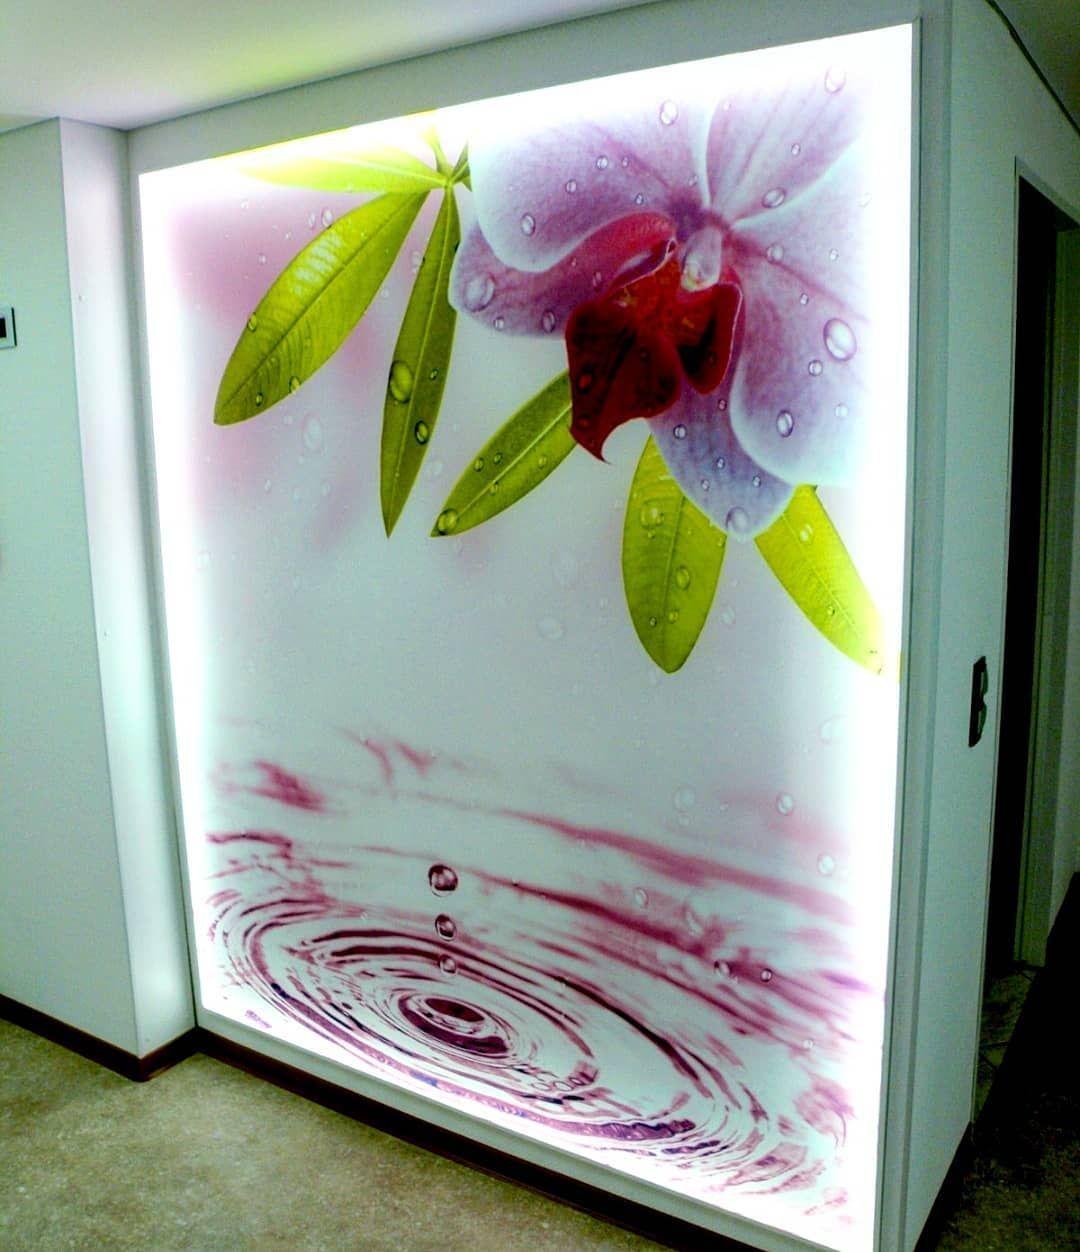 Wandbild Nach Mass Fur Uns Kein Problem Motiv Und Grosse Frei Wahlbar Spanndecke Spanndecken Schwarzwald Orchidee Ba Wandbilder Motive Spanndecken